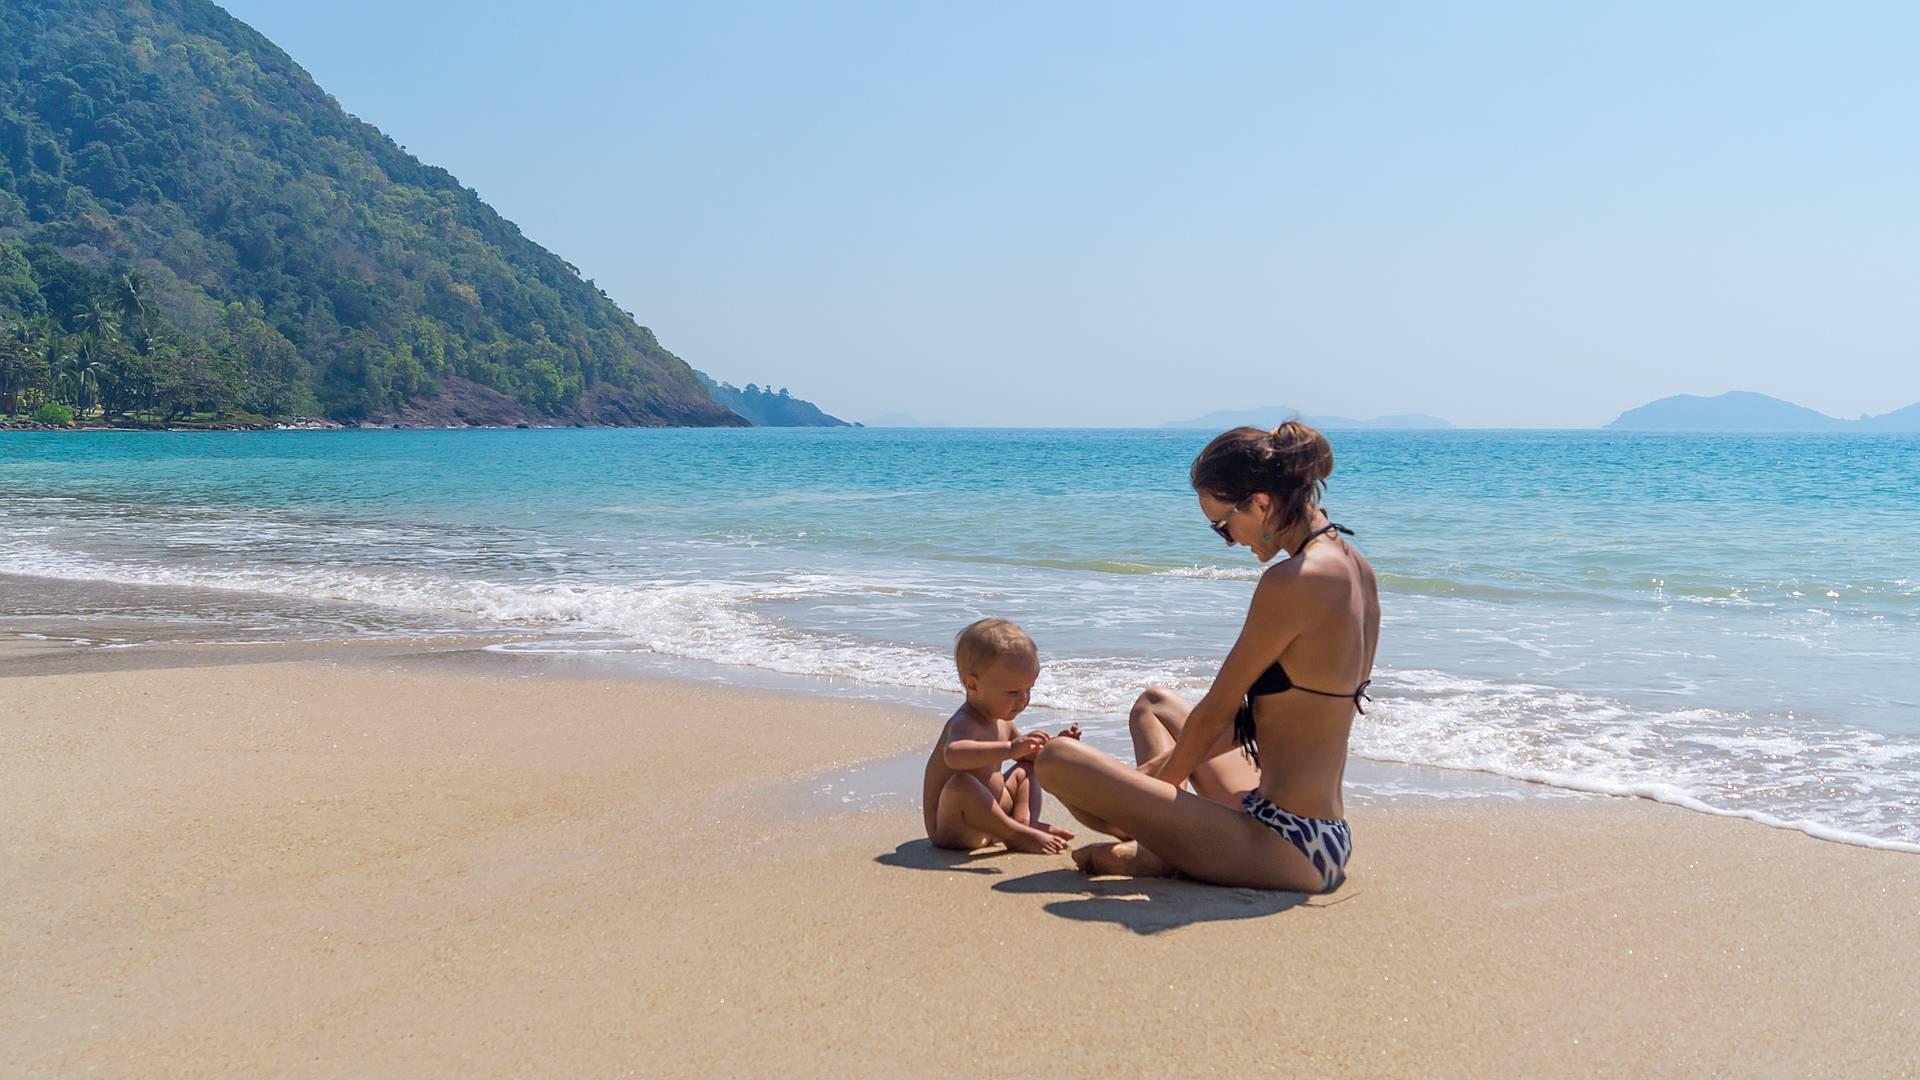 In famiglia, viaggiando tra cultura, animali e mare a Hua Hin